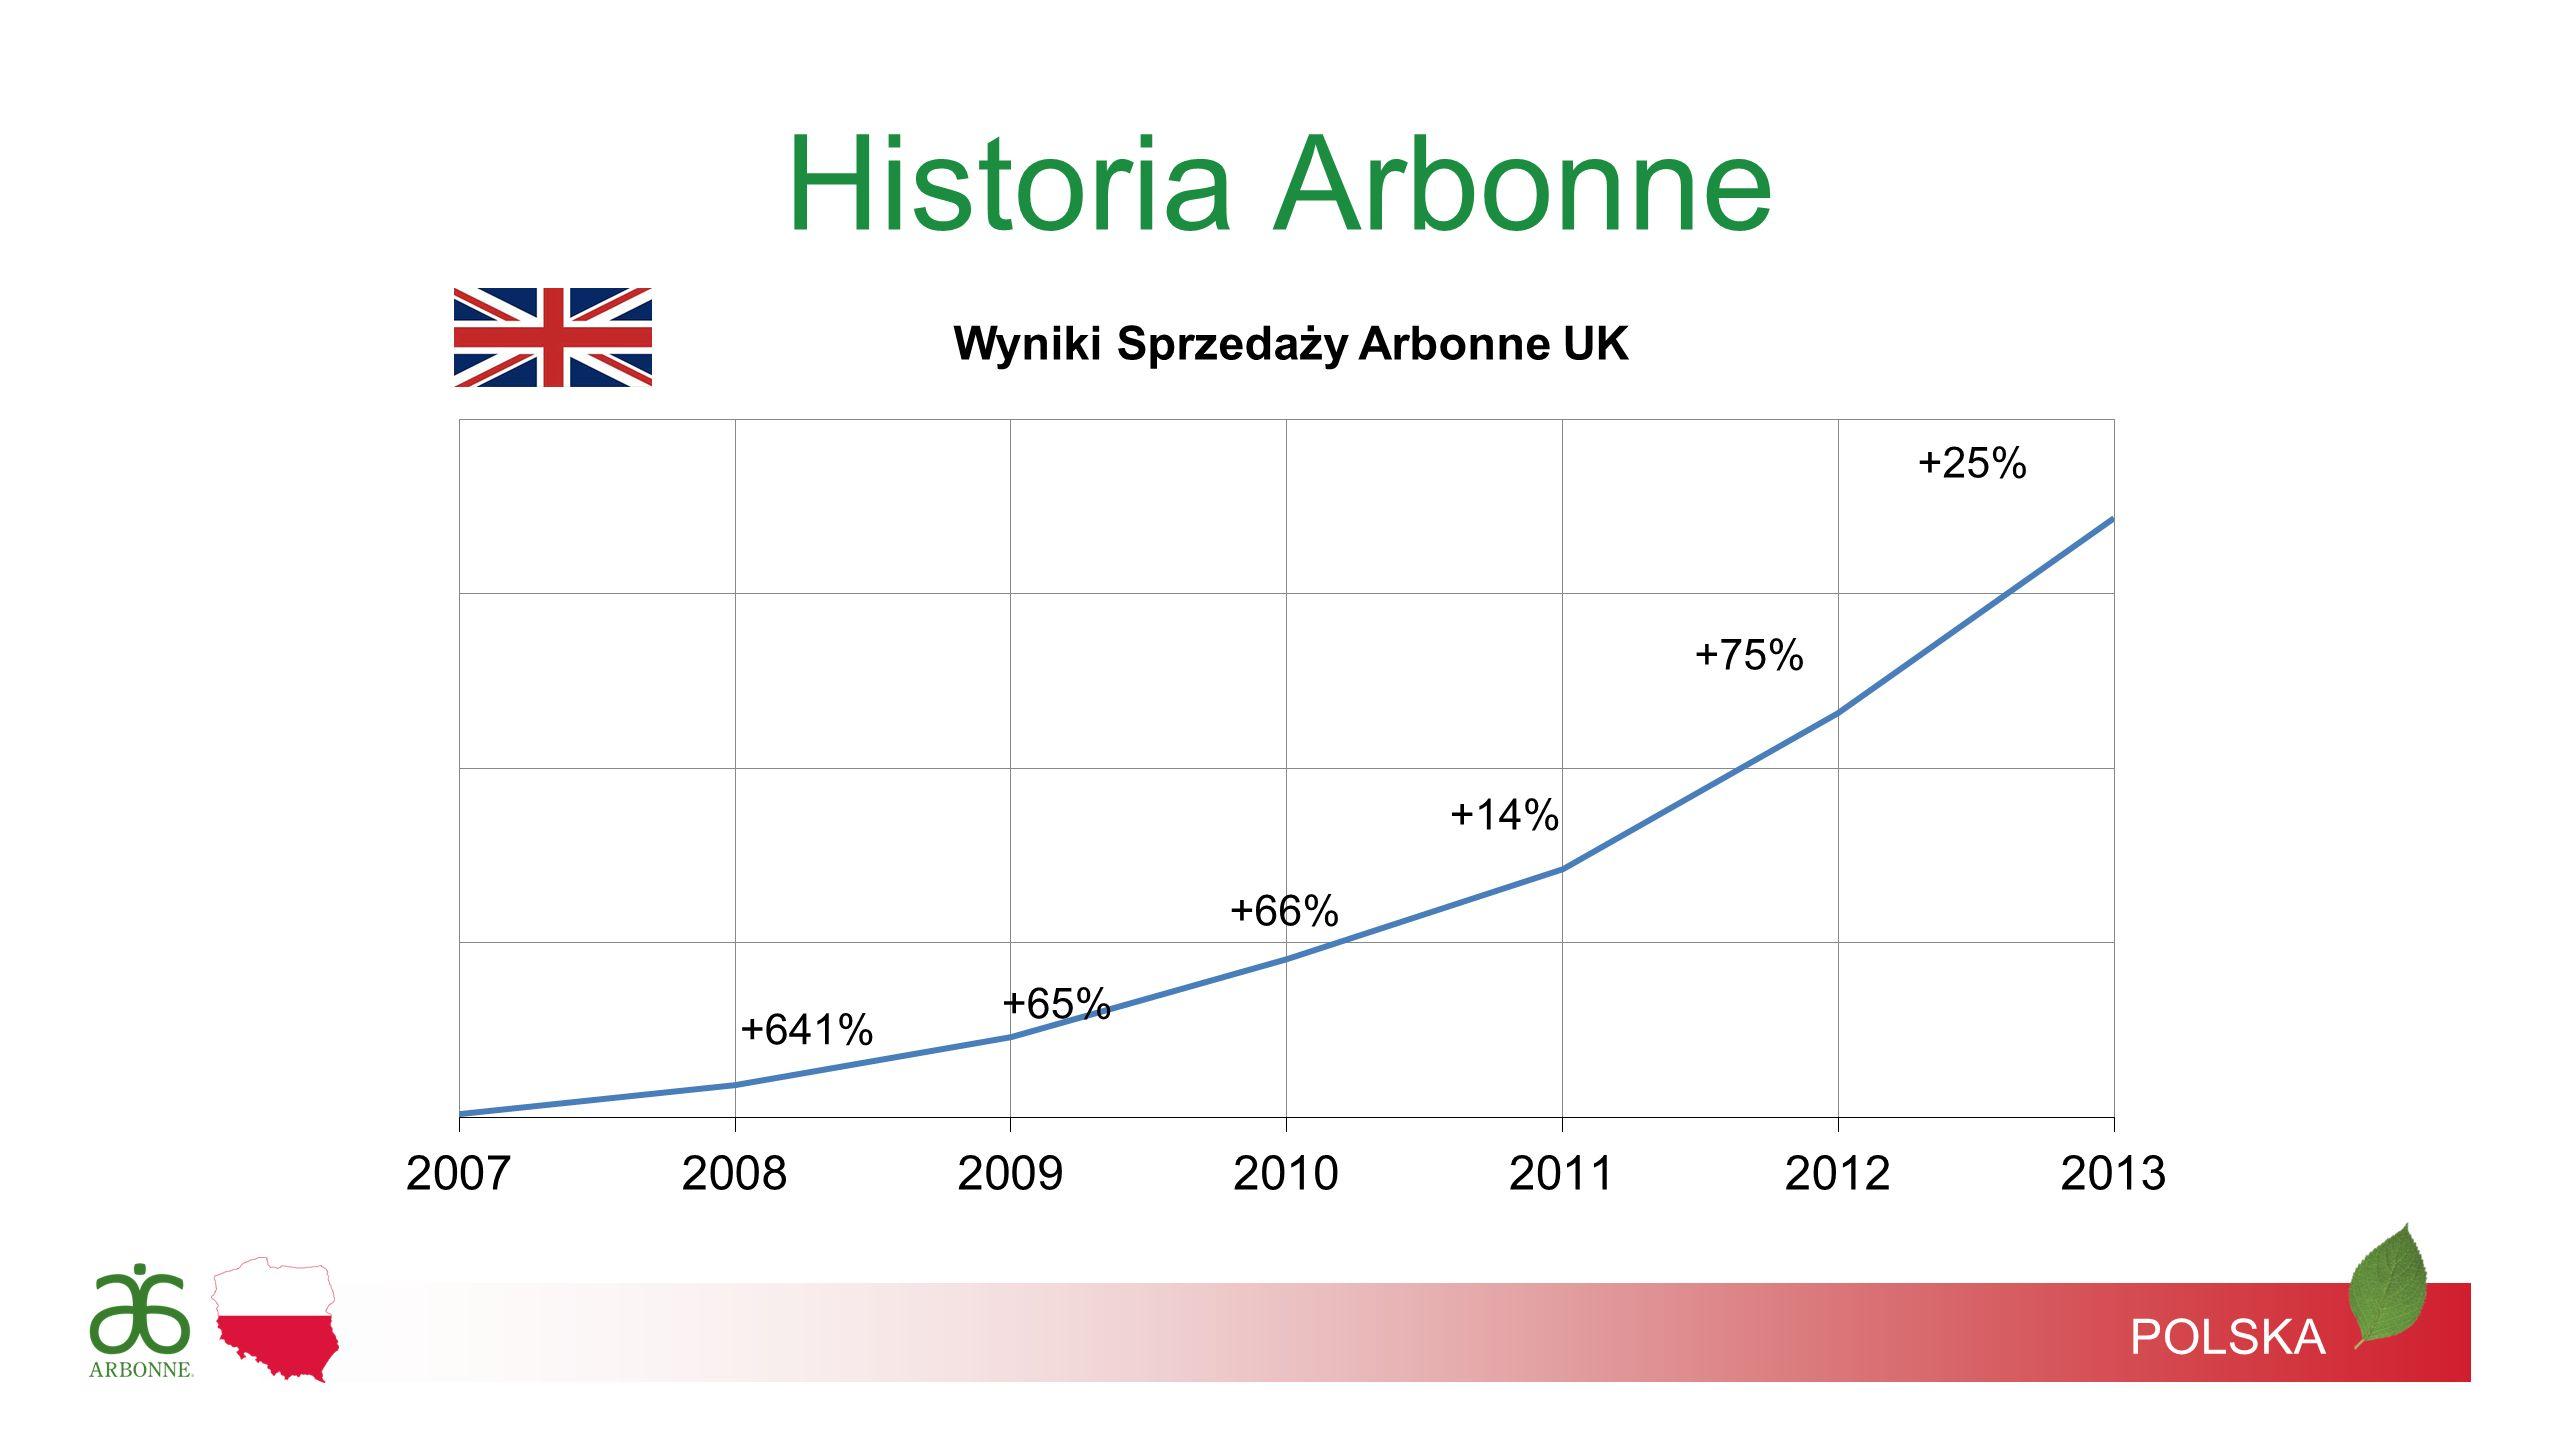 Historia Arbonne +641% +66% +65% +75% +14% +25% POLSKA